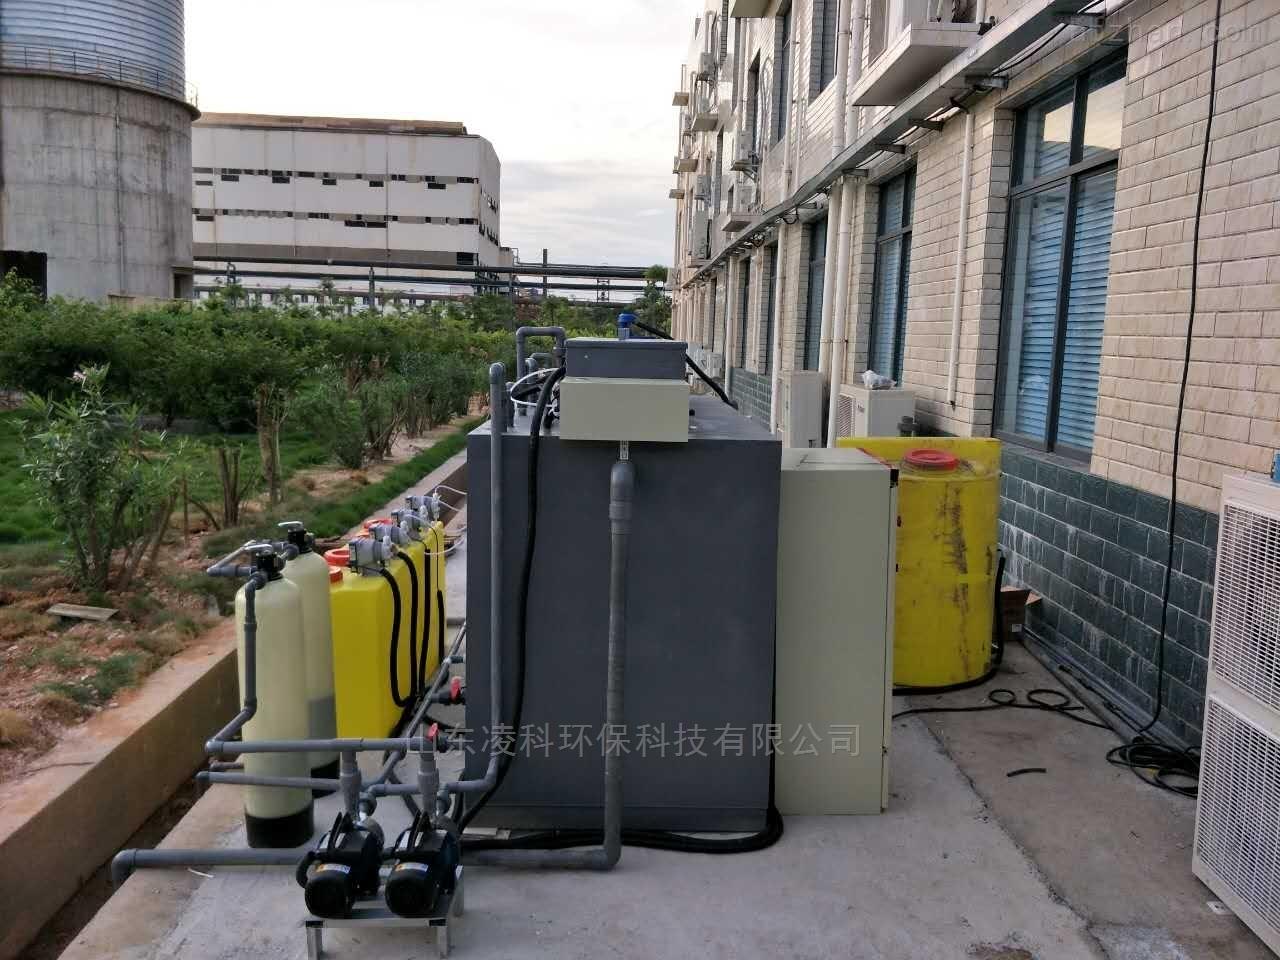 至通污水处理实验室化验设备生产厂家